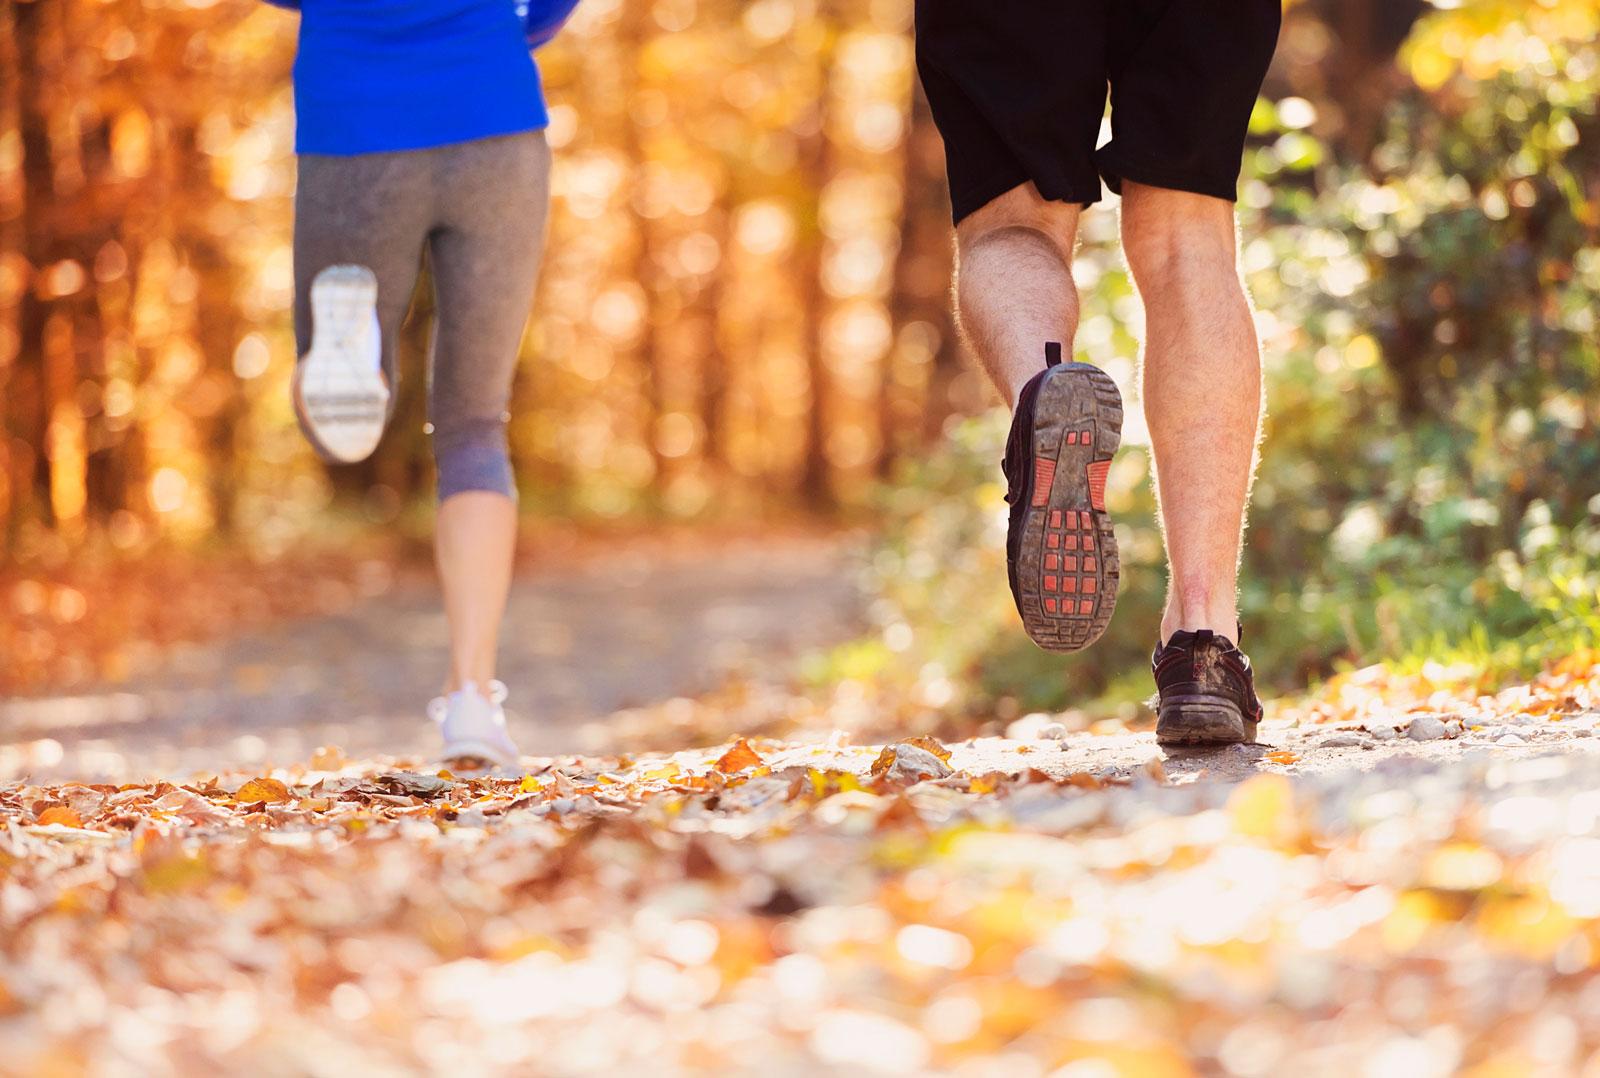 Sport hilft beim Stoffwechsel und kann präventiv gegen Krebserkrankungen wirken.